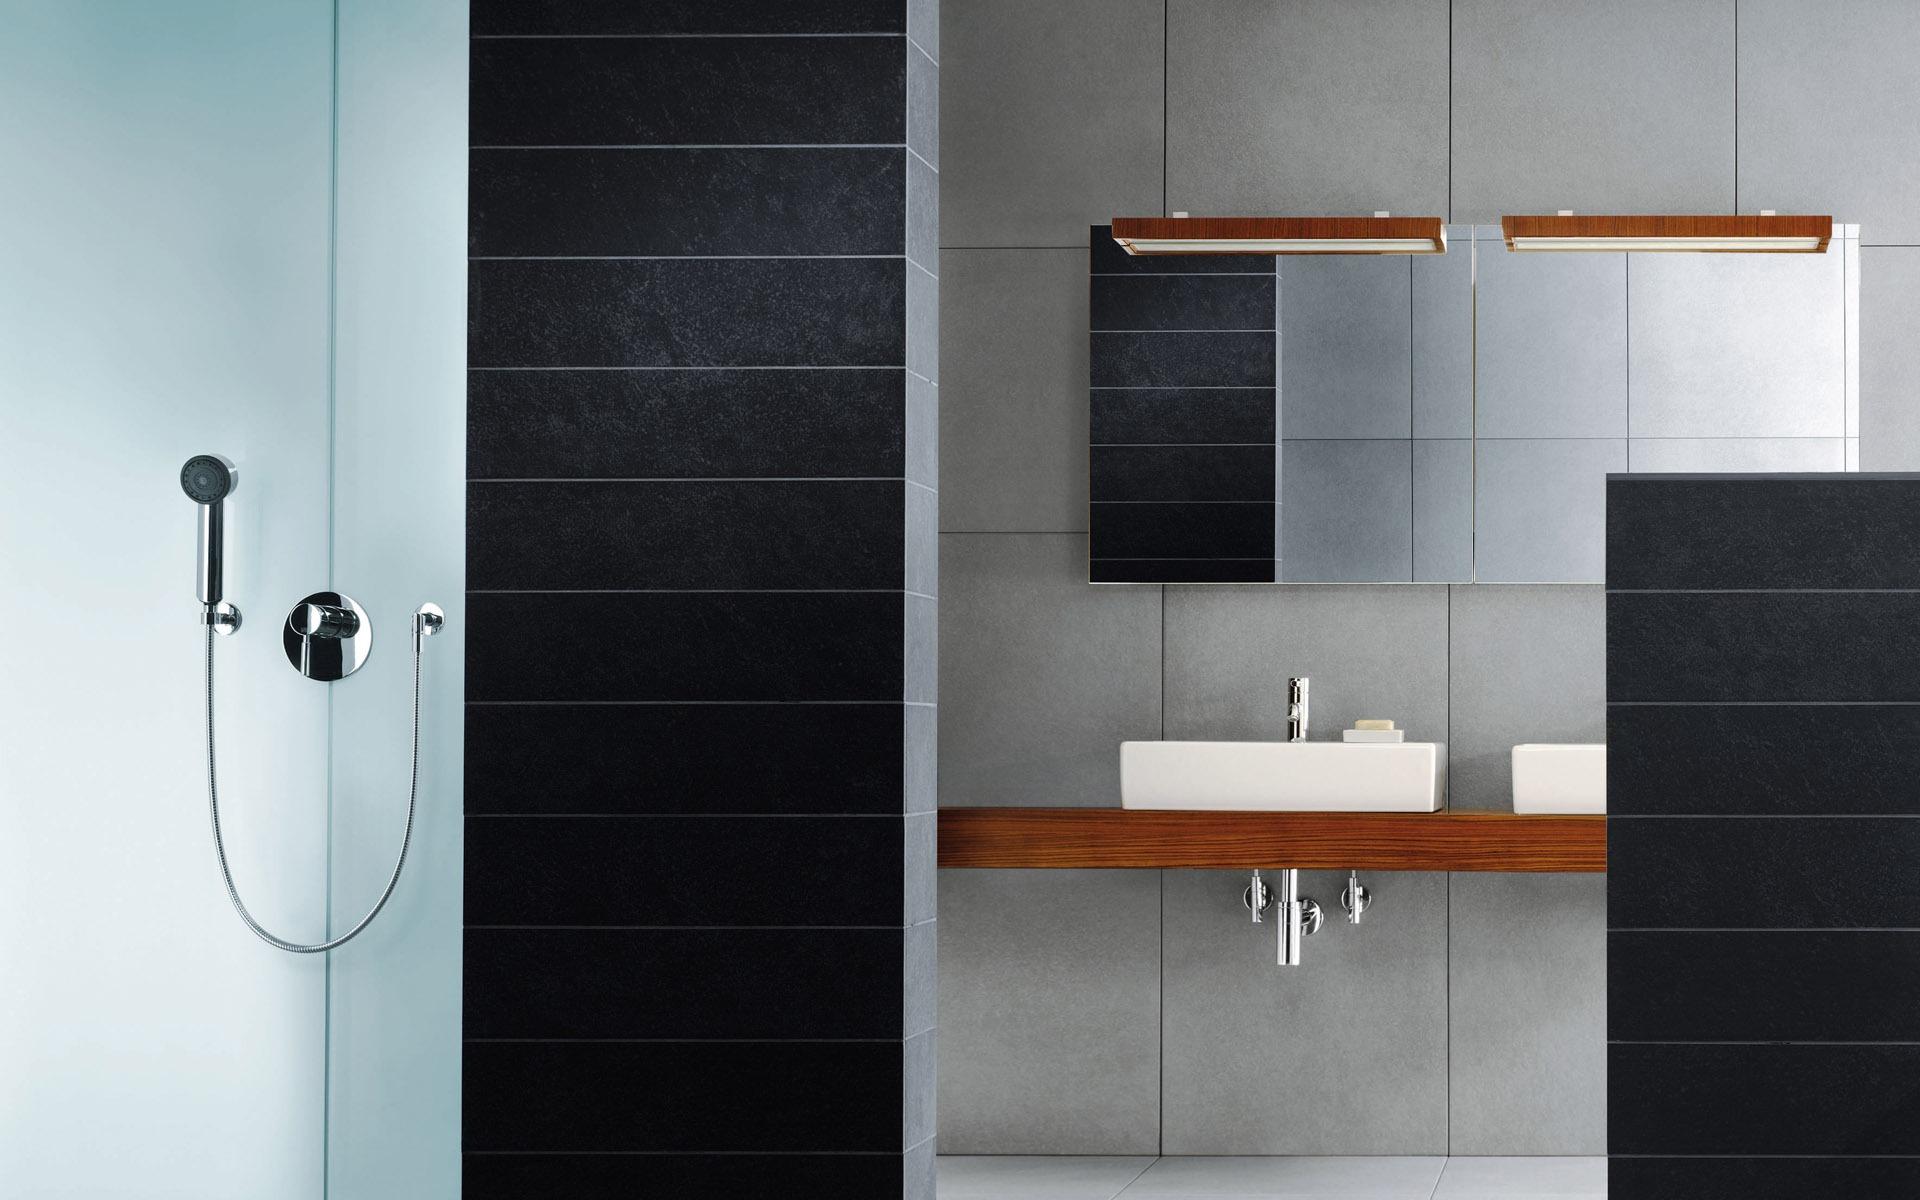 fond d 39 cran photo salle de bain 2 3 1920x1200 fond d 39 cran t l charger fond d 39 cran. Black Bedroom Furniture Sets. Home Design Ideas